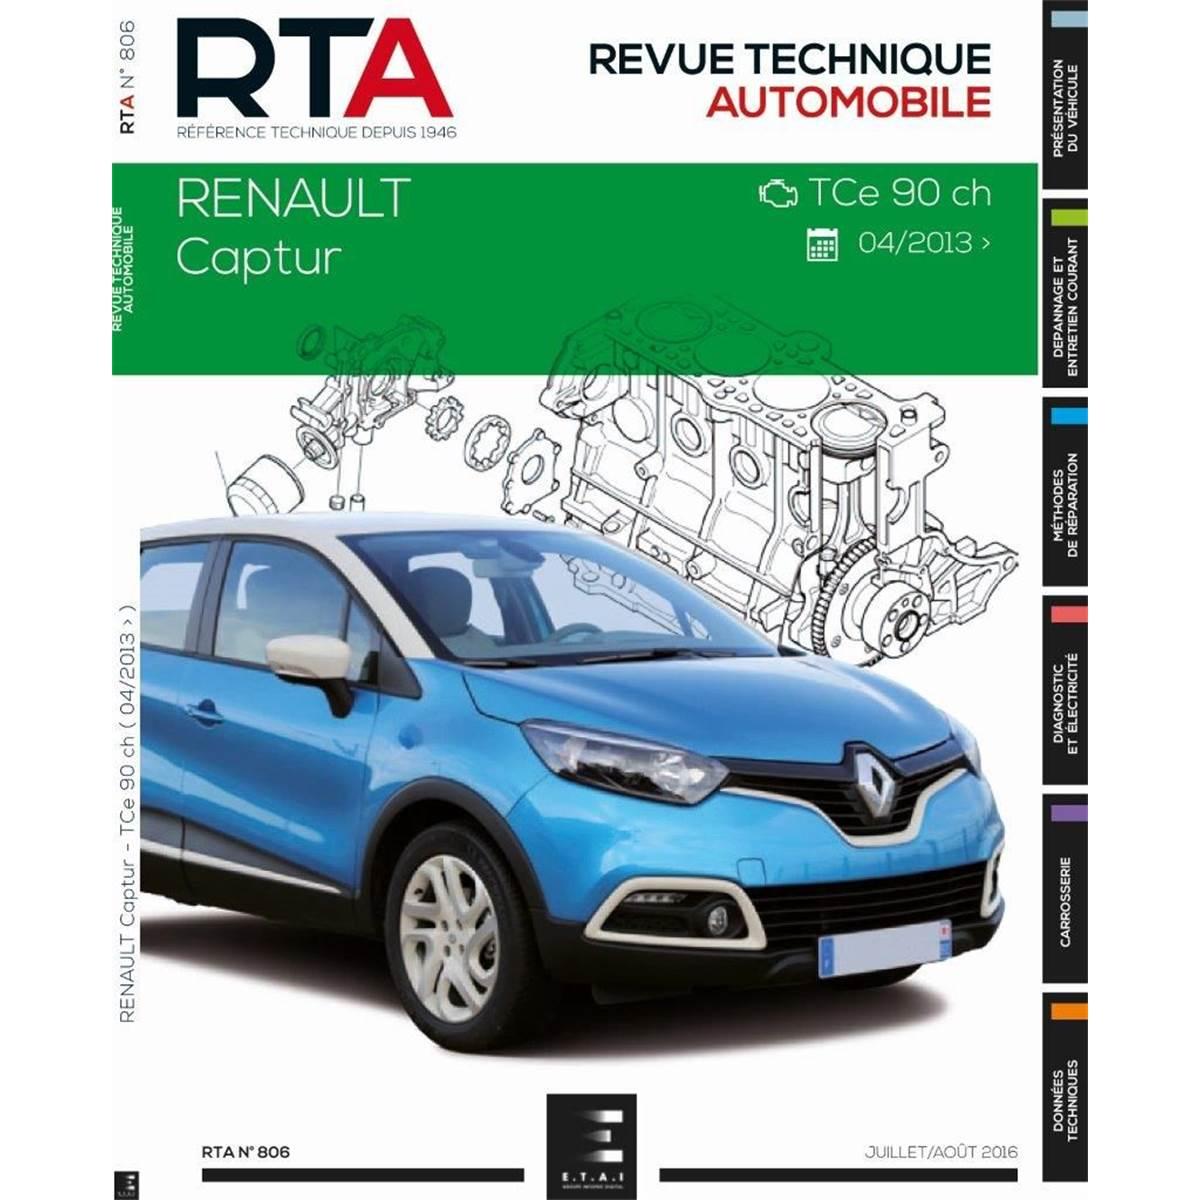 Revue Technique 806 pour CAPTUR : 0.9I 90 CH (DEPUIS 02/2013) (REF 26373)